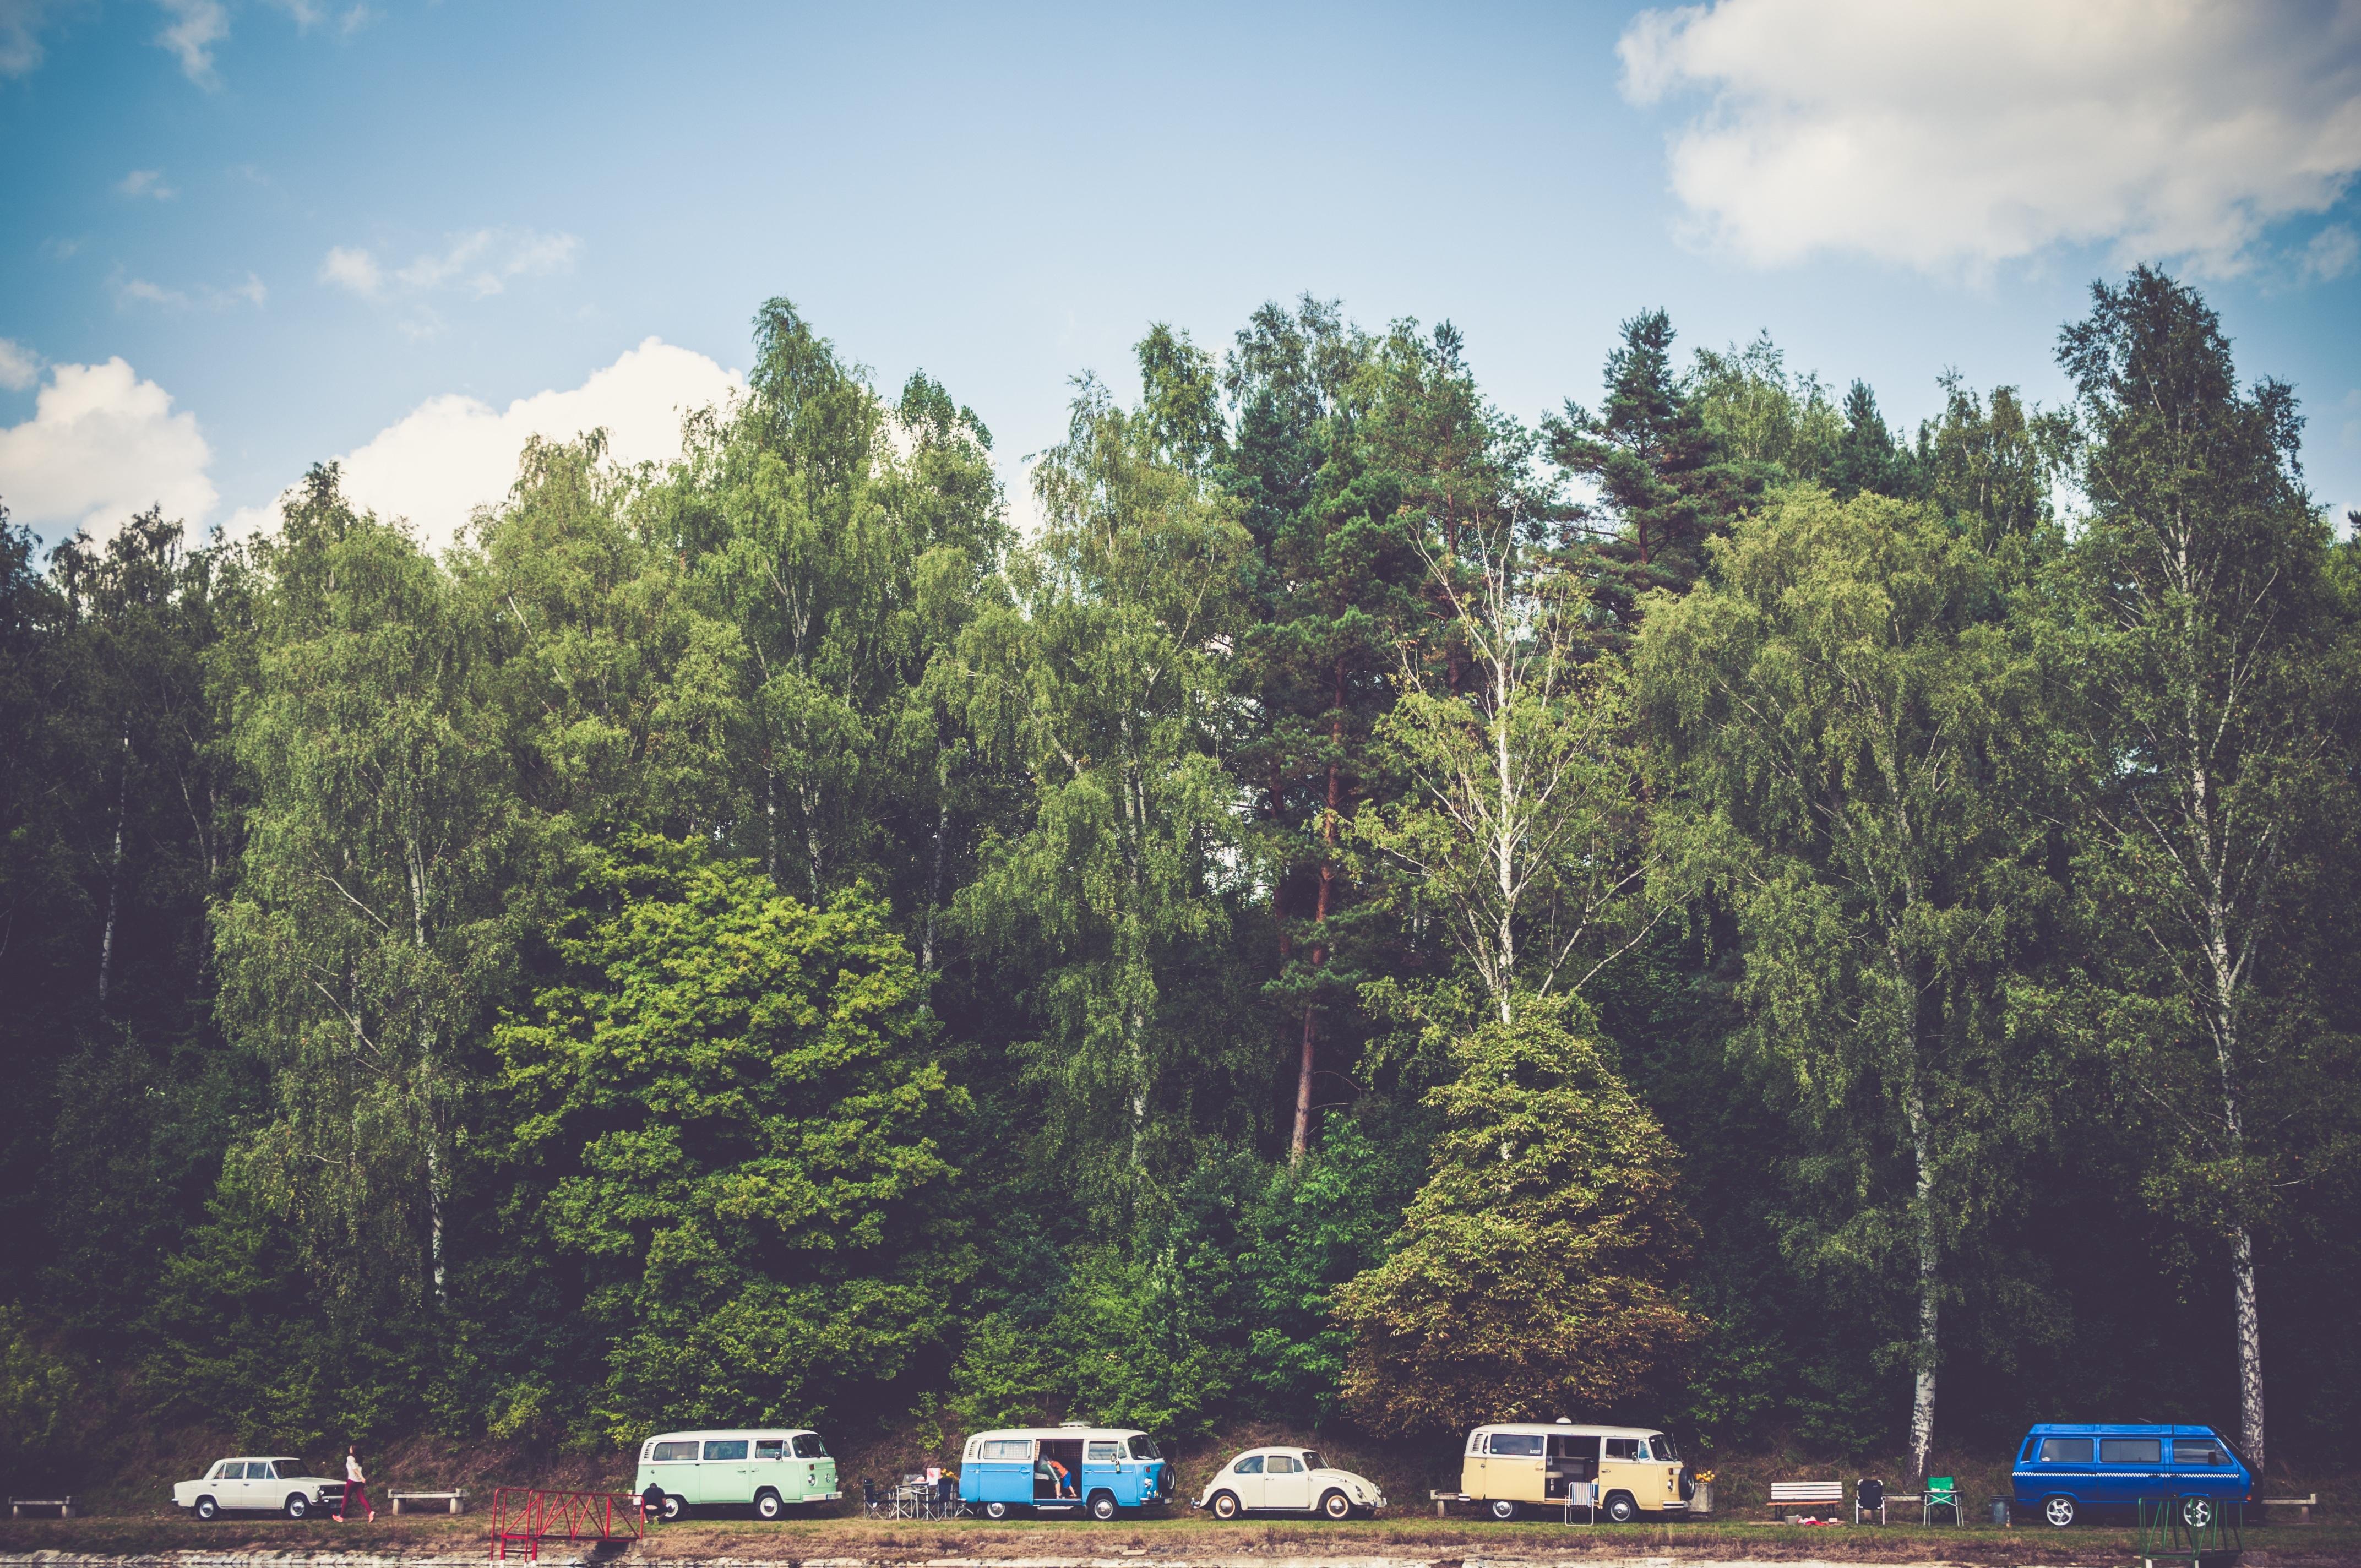 120218 fond d'écran 720x1560 sur votre téléphone gratuitement, téléchargez des images Nature, Arbres, Forêt, Camping, Fourgons, Vans 720x1560 sur votre mobile